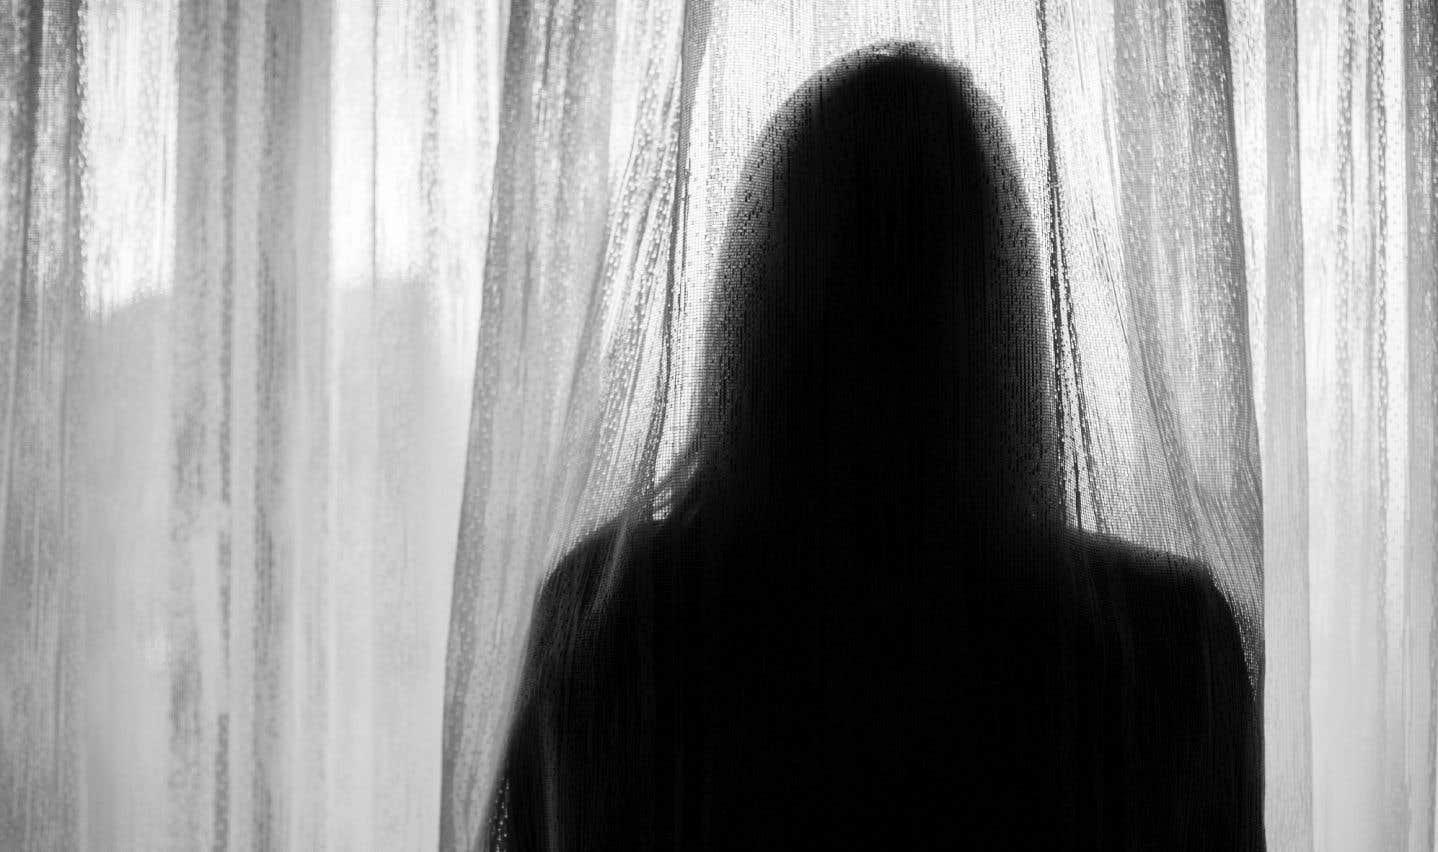 Agressions sexuelles: les filles ont plus de séquelles que les garçons